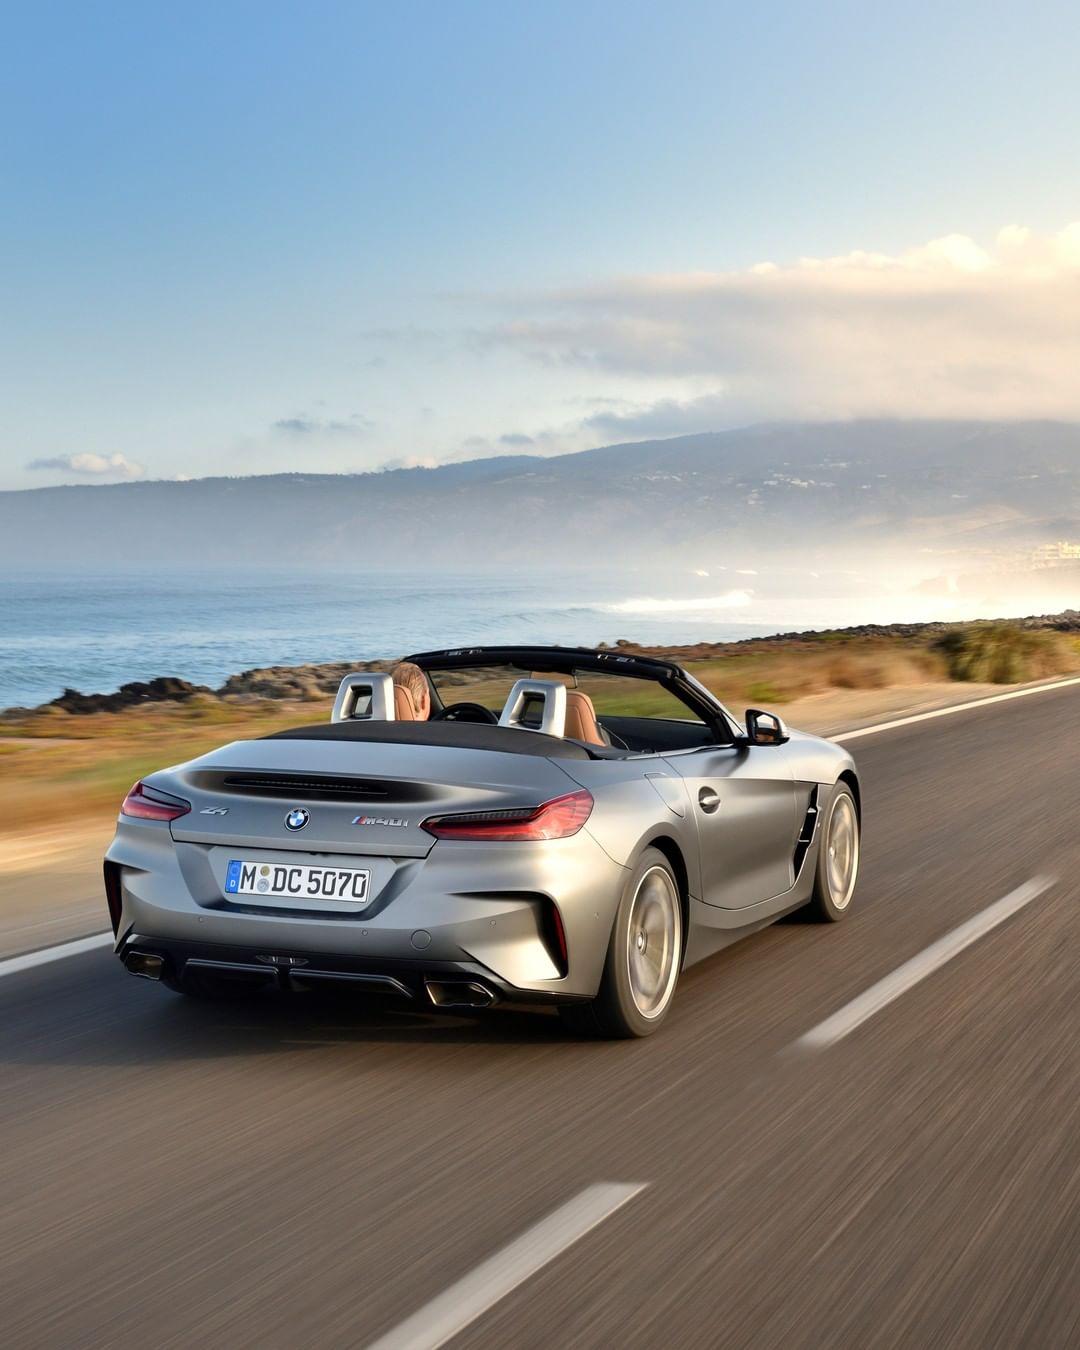 New Bmw Z4: Unfold Your Freedom. The All-new BMW Z4. __ BMW Z4 M40i